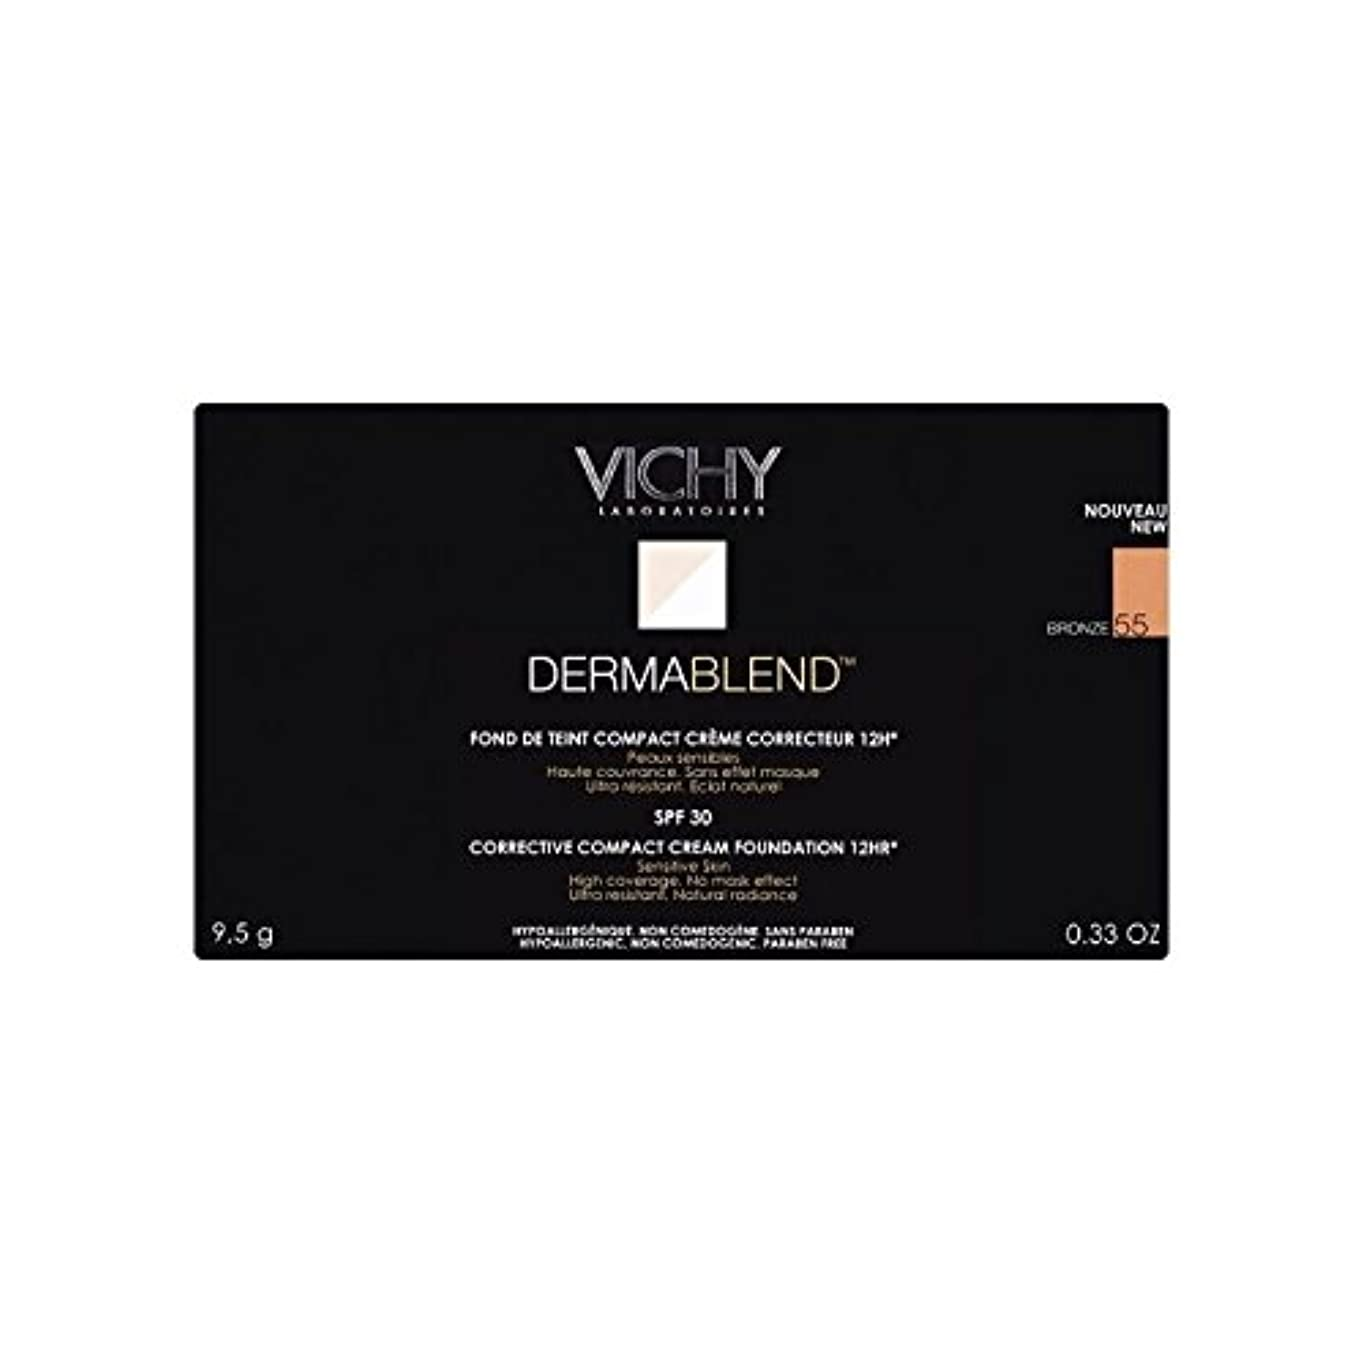 エジプト警戒スコットランド人Vichy Dermablend Corrective Compact Cream Foundation Bronze (Pack of 6) - ヴィシー是正コンパクトクリームファンデーションブロンズ x6 [並行輸入品]